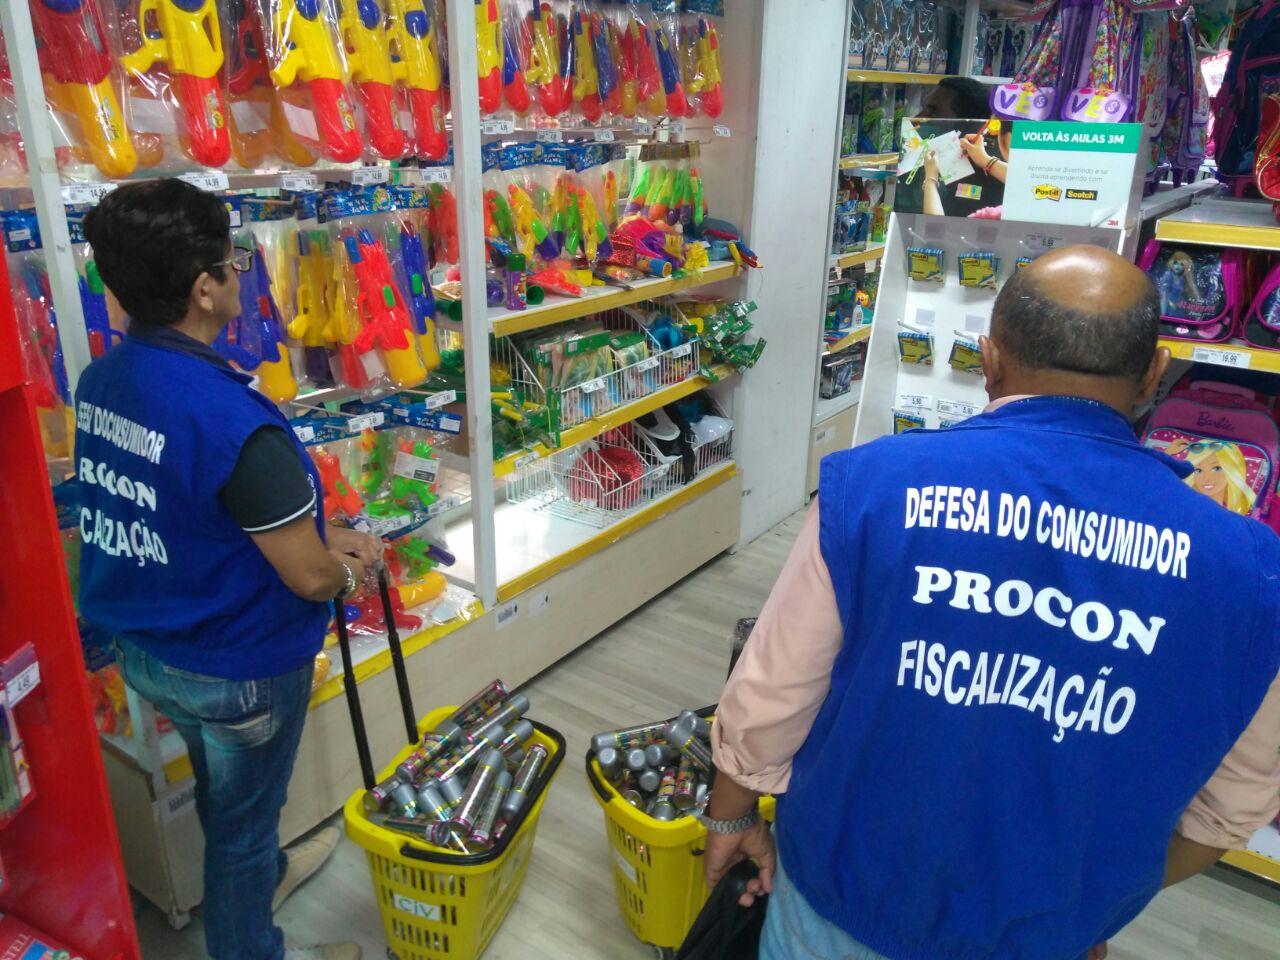 A fiscalização de fantasias, brinquedos e preservativos ocorreu de 5 a 9 de fevereiro - Crédito das fotos: Iva Câmara.